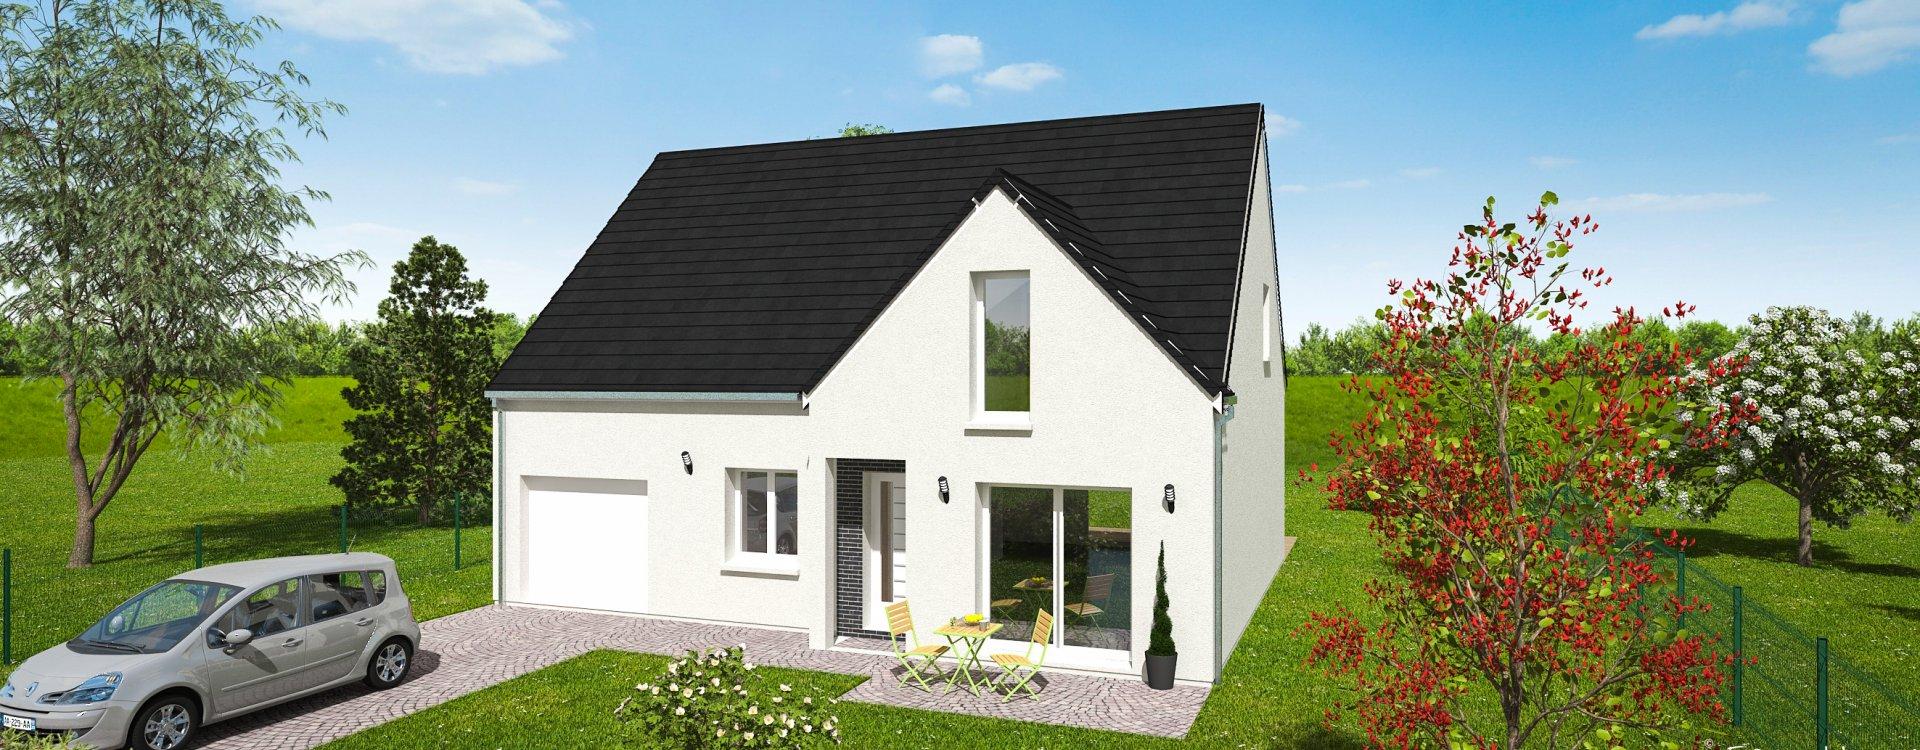 Maisons + Terrains du constructeur EASY HOUSE • 125 m² • ORLEANS